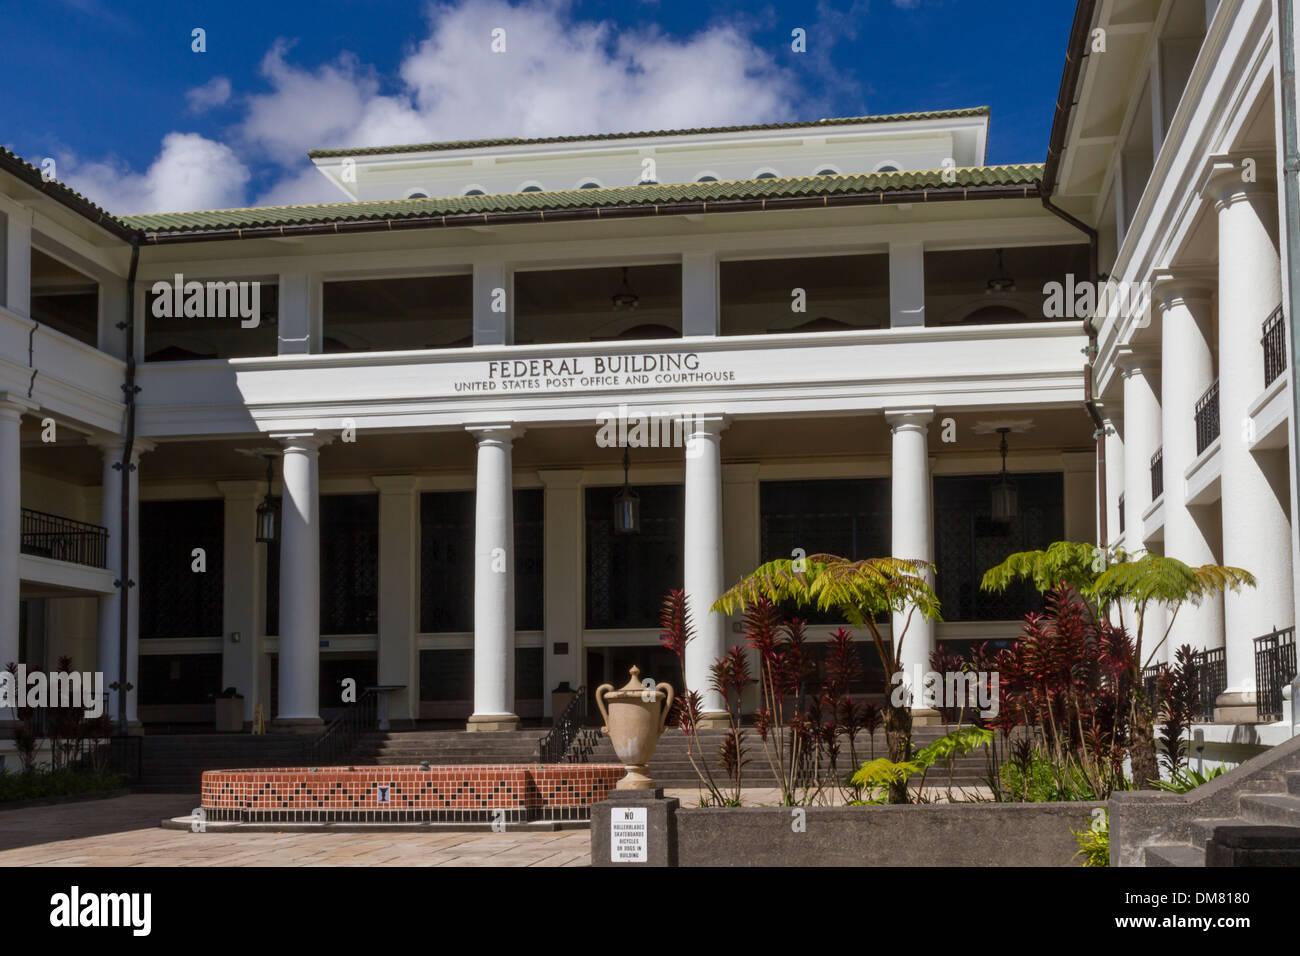 USA, Hawaii, Hawaii (Big) Island, Hilo, Federal building - Stock Image